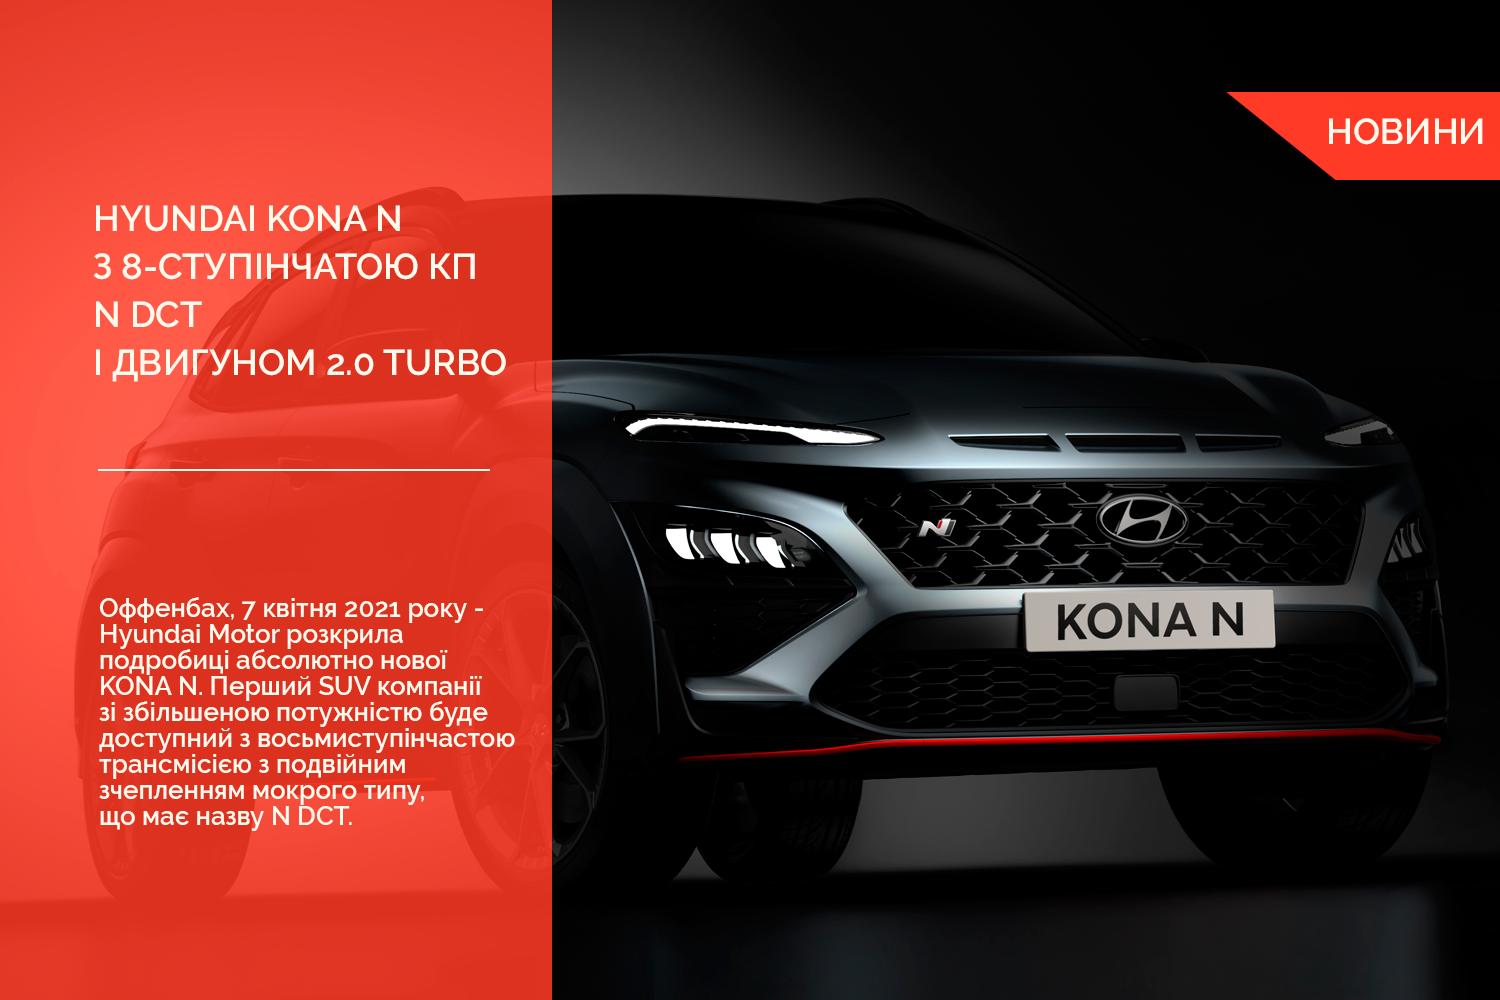 Покупці  Hyundai отримують безкомпромісну ефективність з абсолютно новою KONA N з восьмиступінчастою коробкою передач N DCT і двигуном 2.0 Turbo